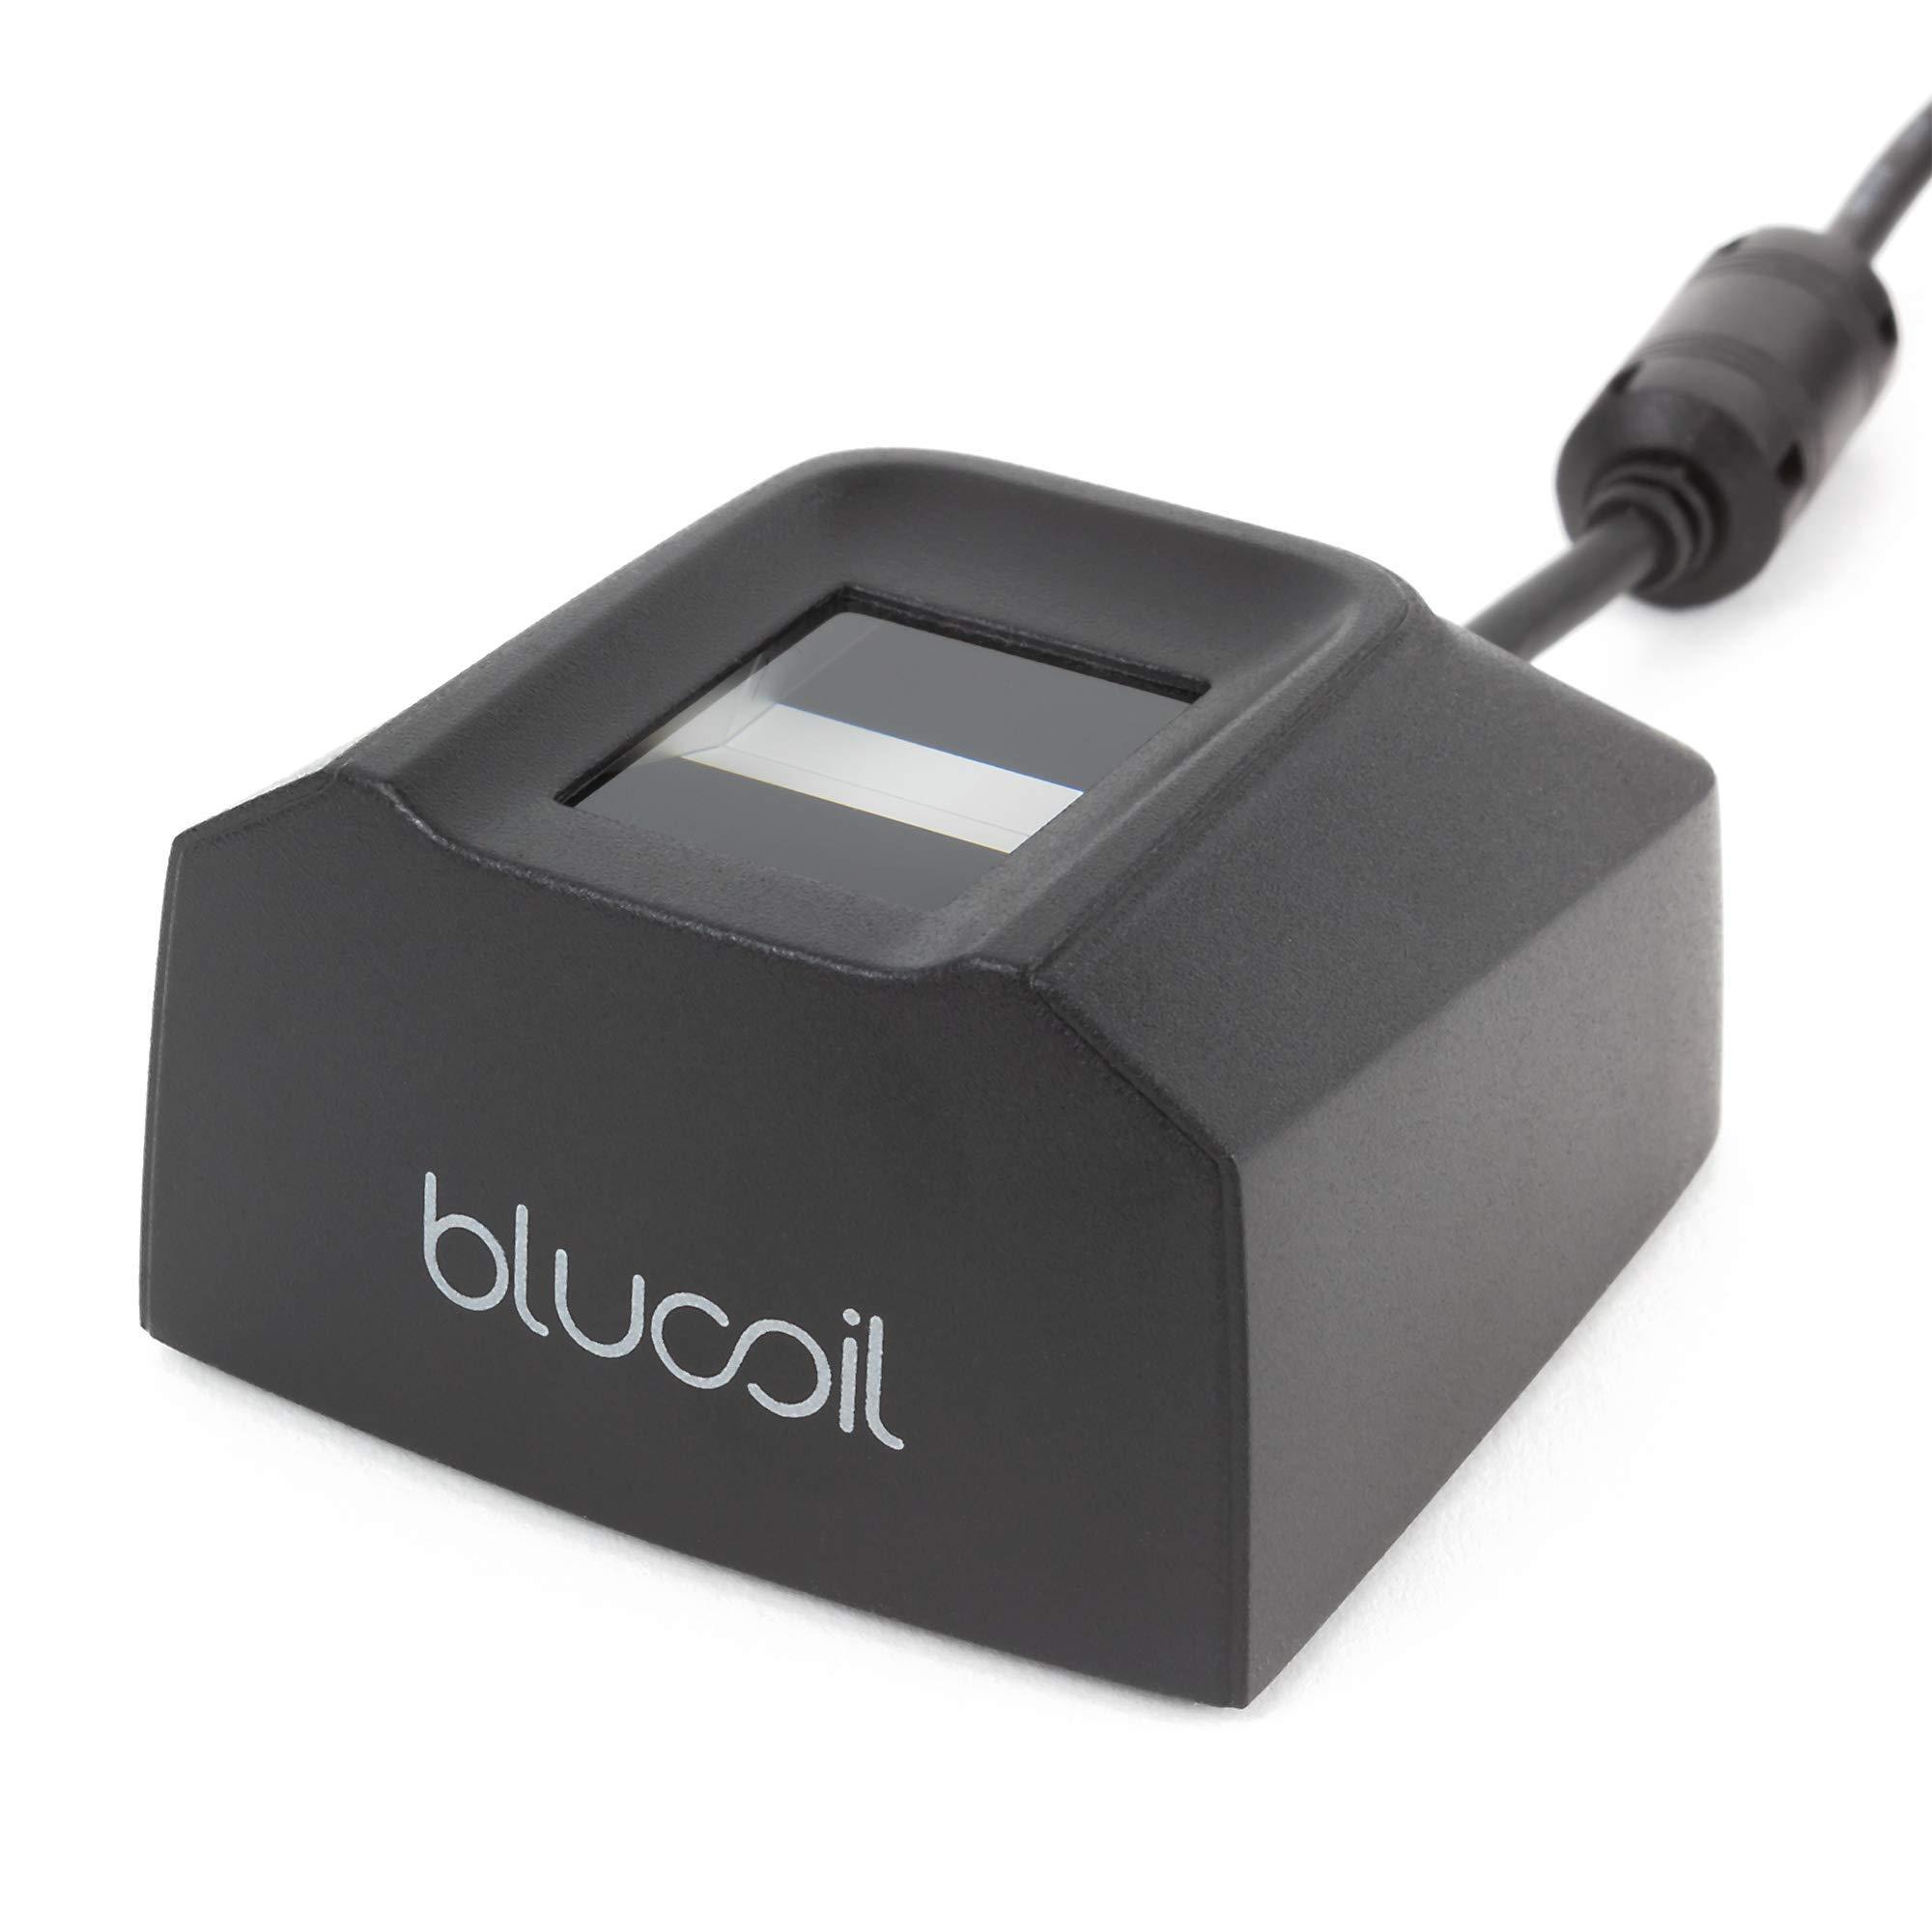 Blucoil Secugen Hamster Pro 20 Optical USB Fingerprint Scanner (Renewed)